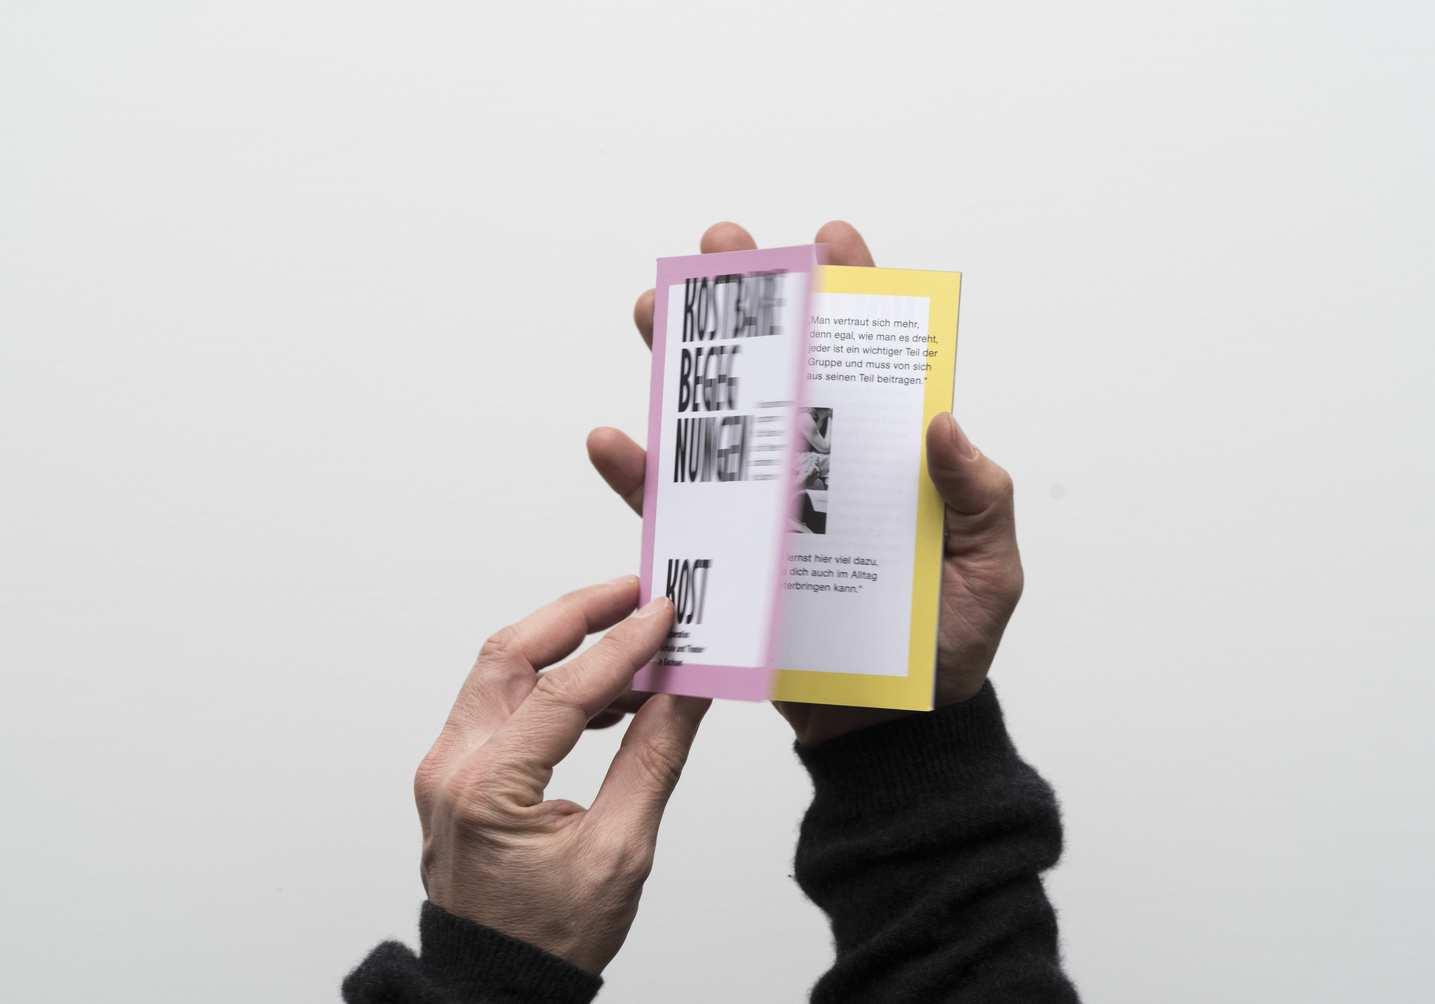 kost-tiny-brochure-2-1435x1004px